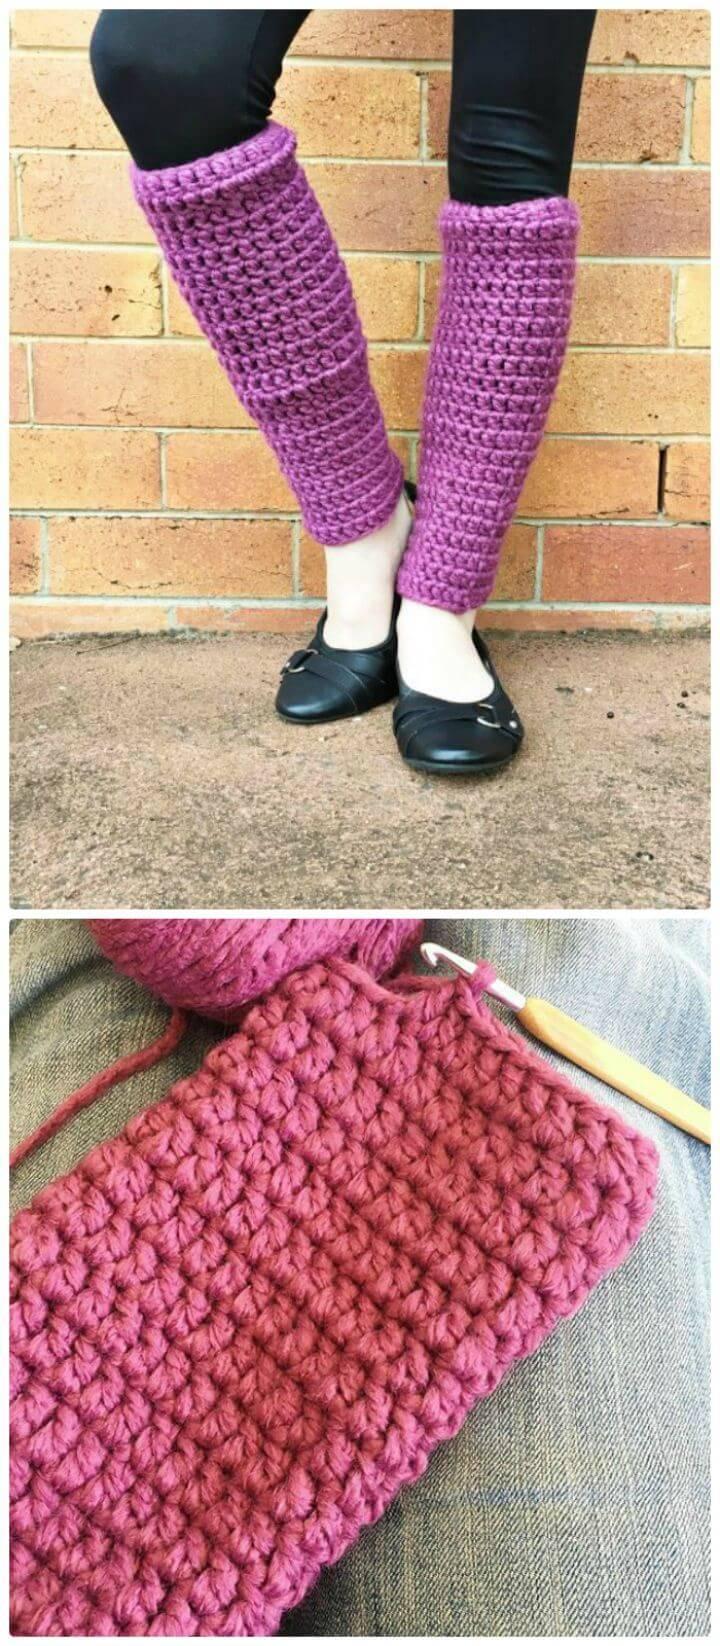 Easy Free Crochet Leg Warmers Pattern